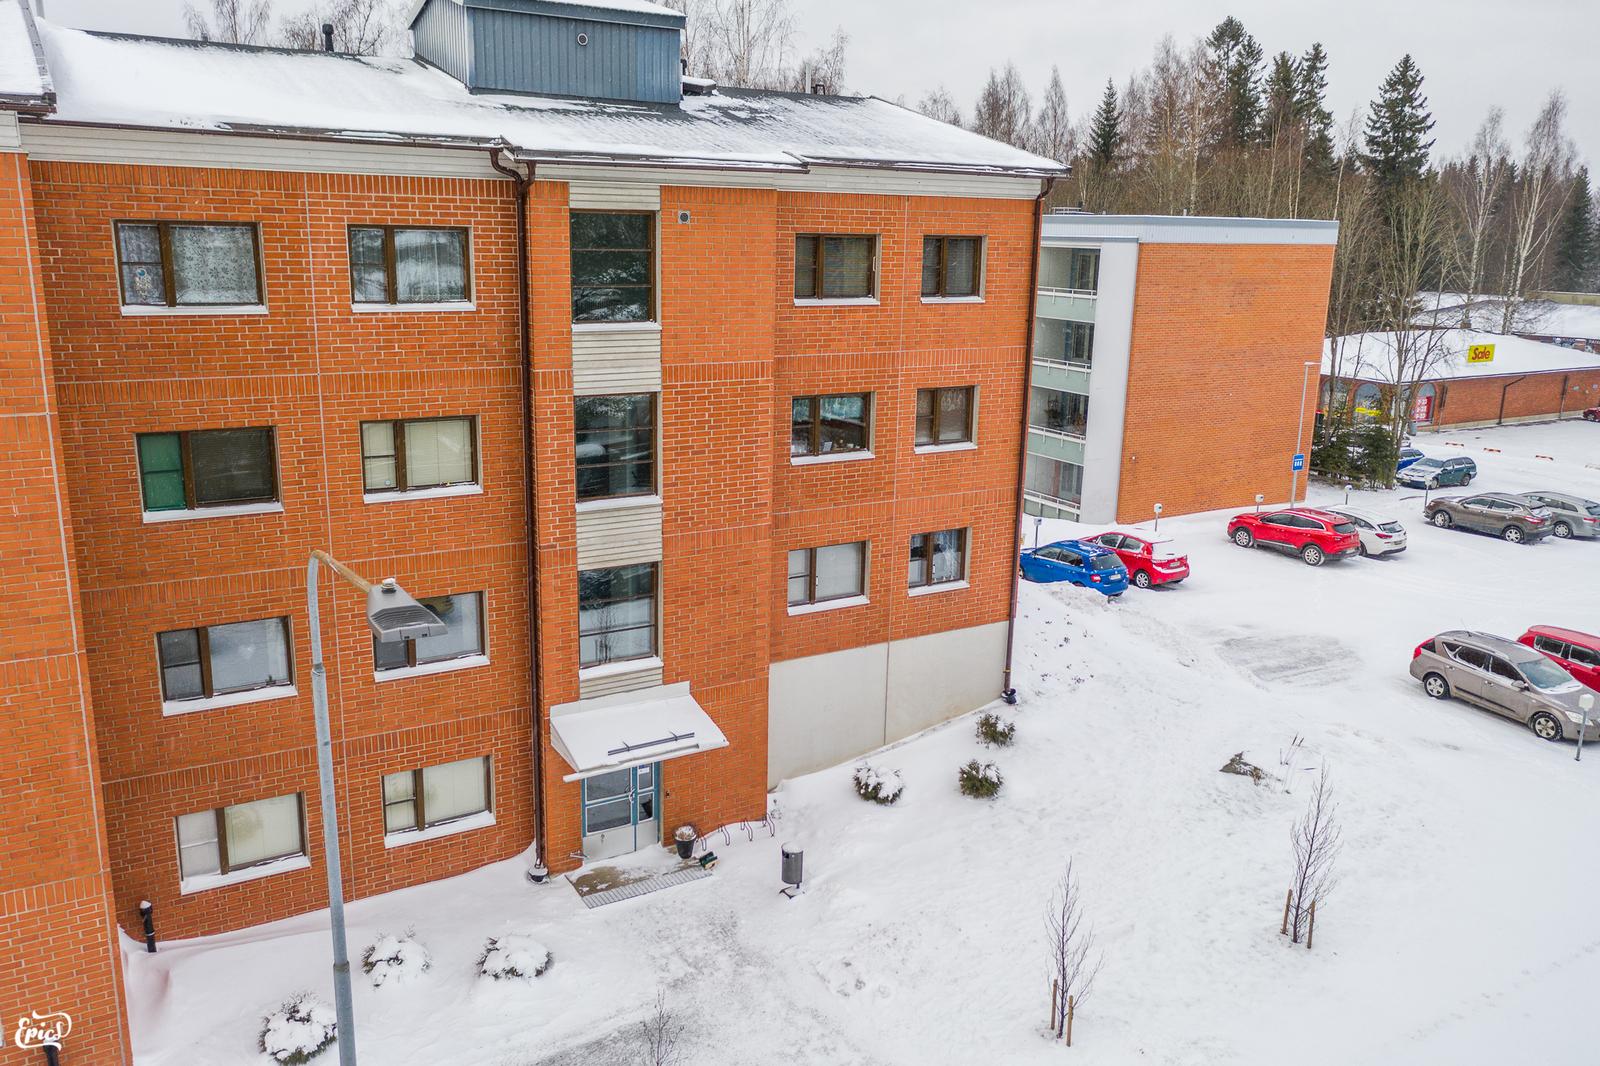 Haukiluoma, Tampere